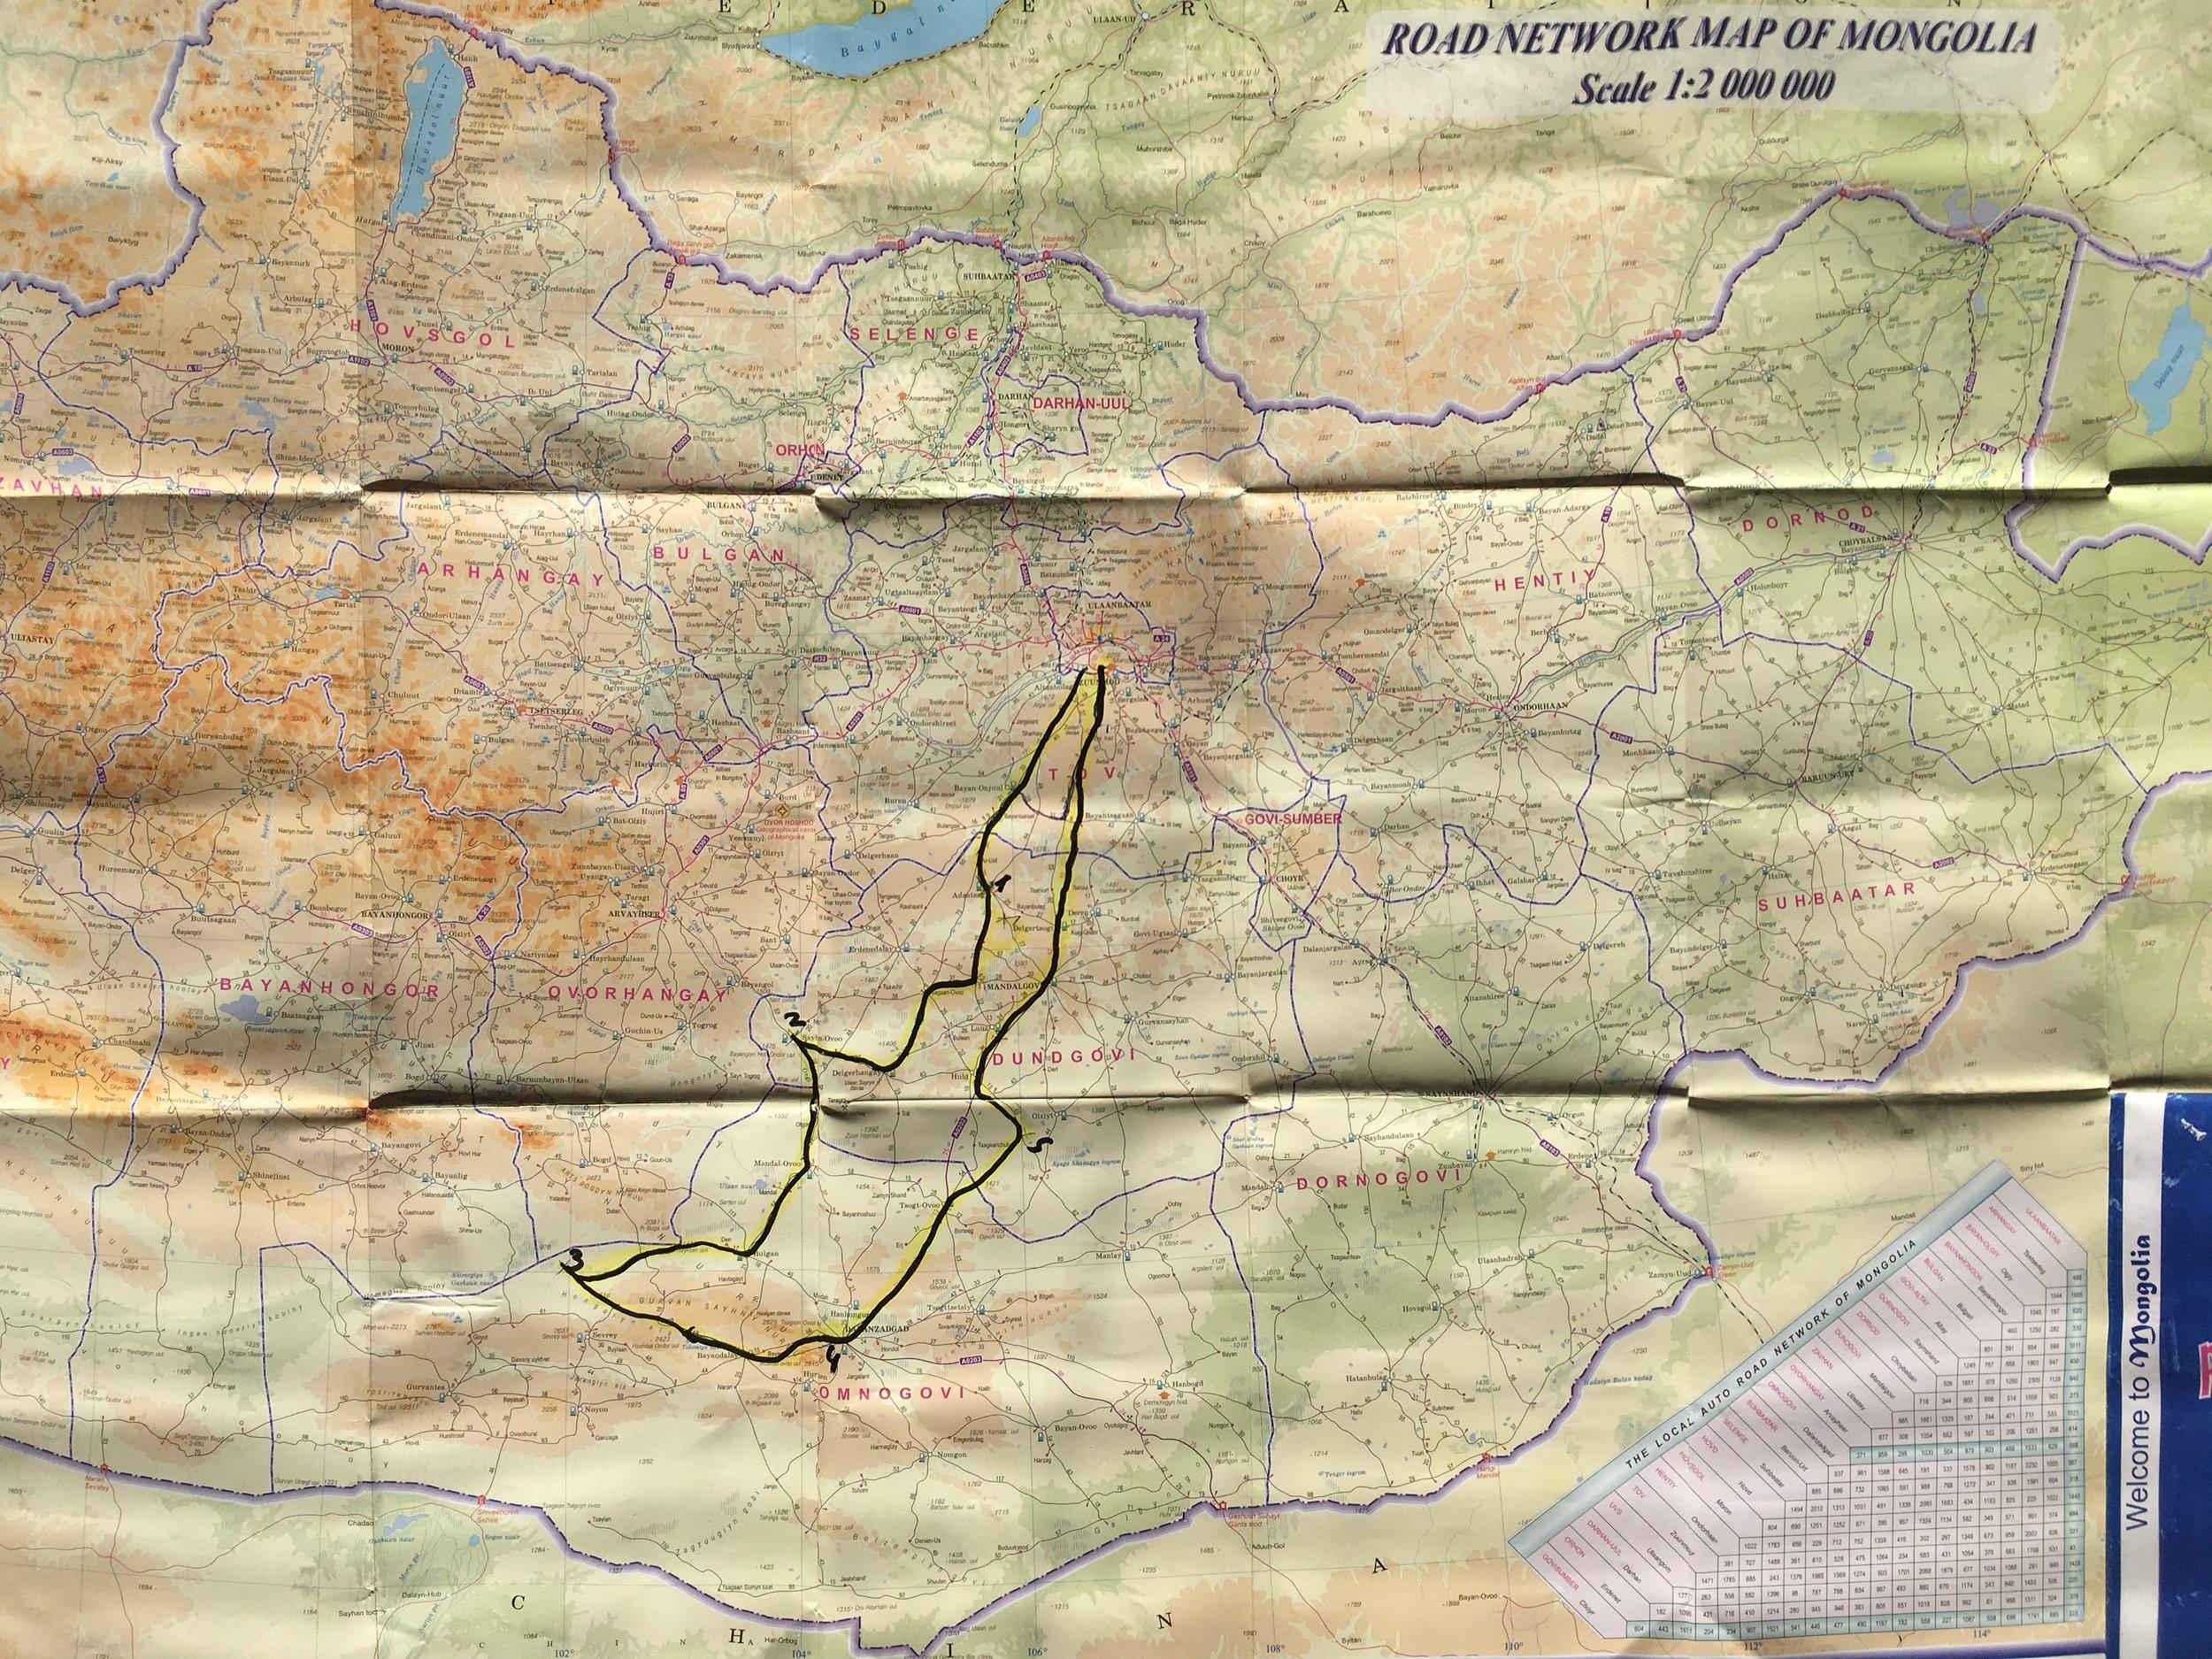 Koko reittimme - noin 1500 kilometriä, joista noin 90% asfalttien ja pääteiden ulkopuolella... Silti vain pieni pintaraapaisu siitä mitä Mongolialla on tarjottavana!